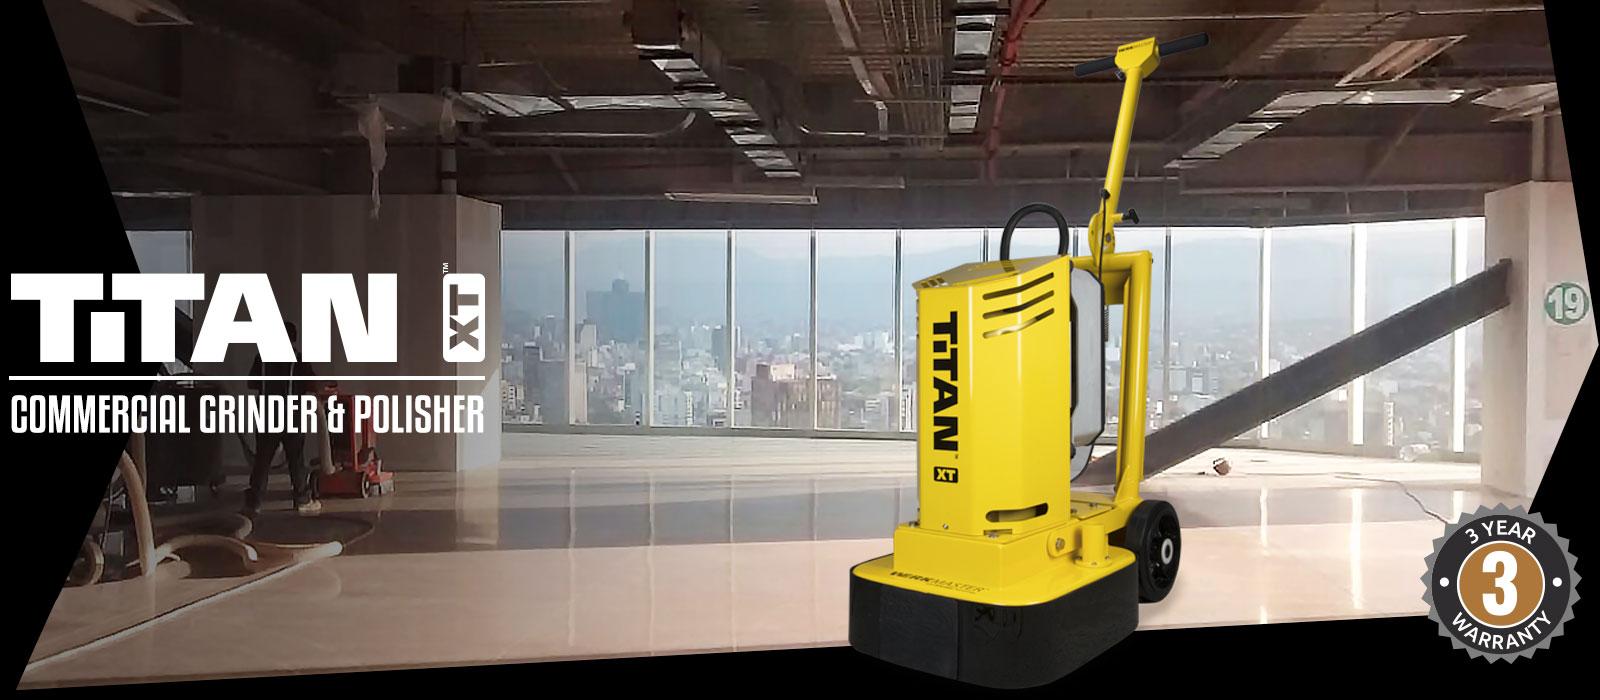 Titan XT - Commercial Grinder & Polisher